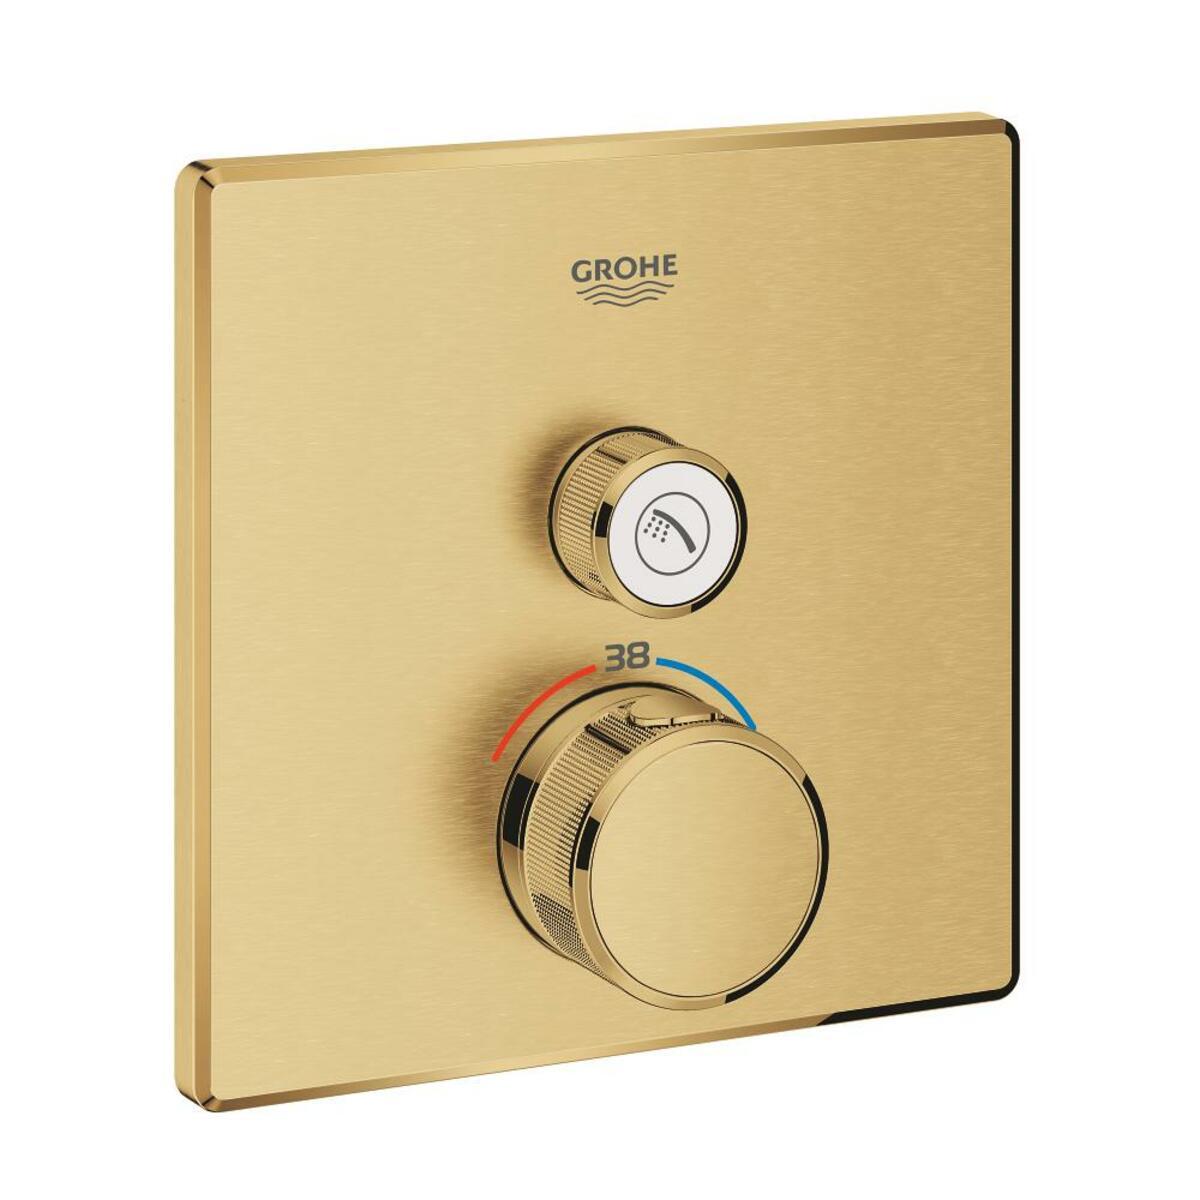 Sprchová baterie Grohe Grohtherm Smartcontrol bez podomítkového tělesa kartáčovaný Cool Sunrise 29123GN0